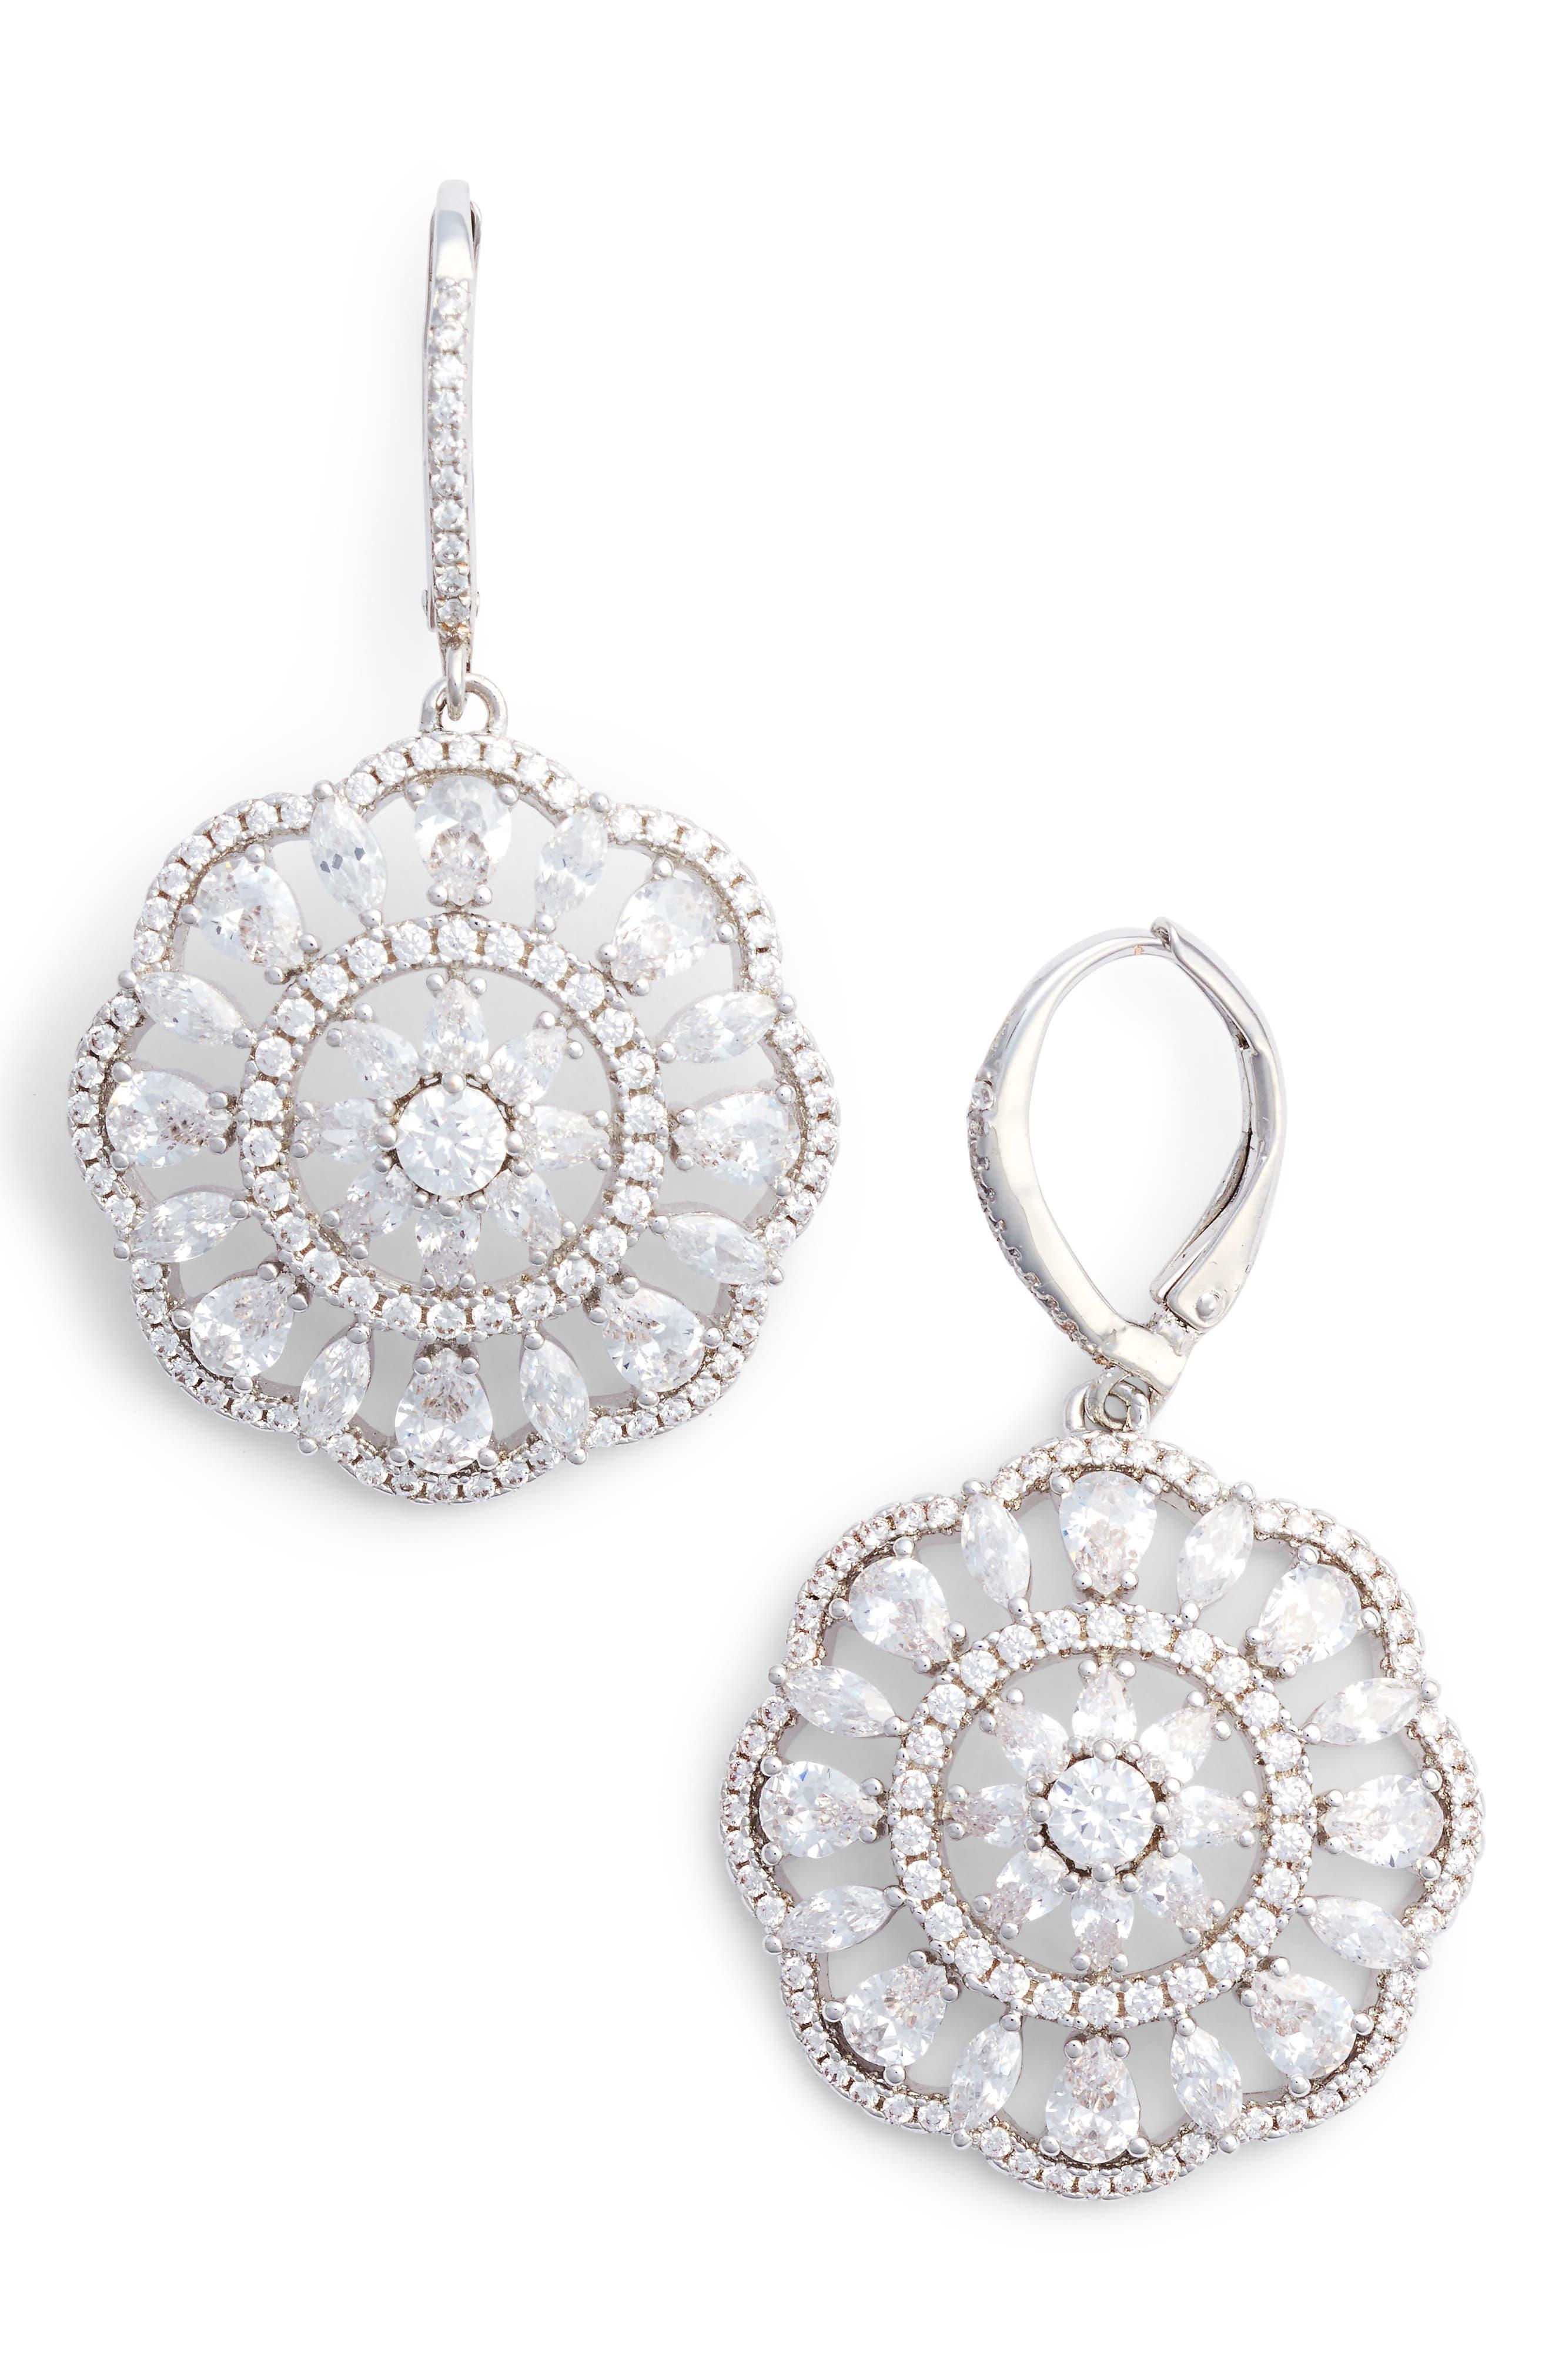 Sunburst Drop Earrings,                         Main,                         color, SILVER/ WHITE CZ